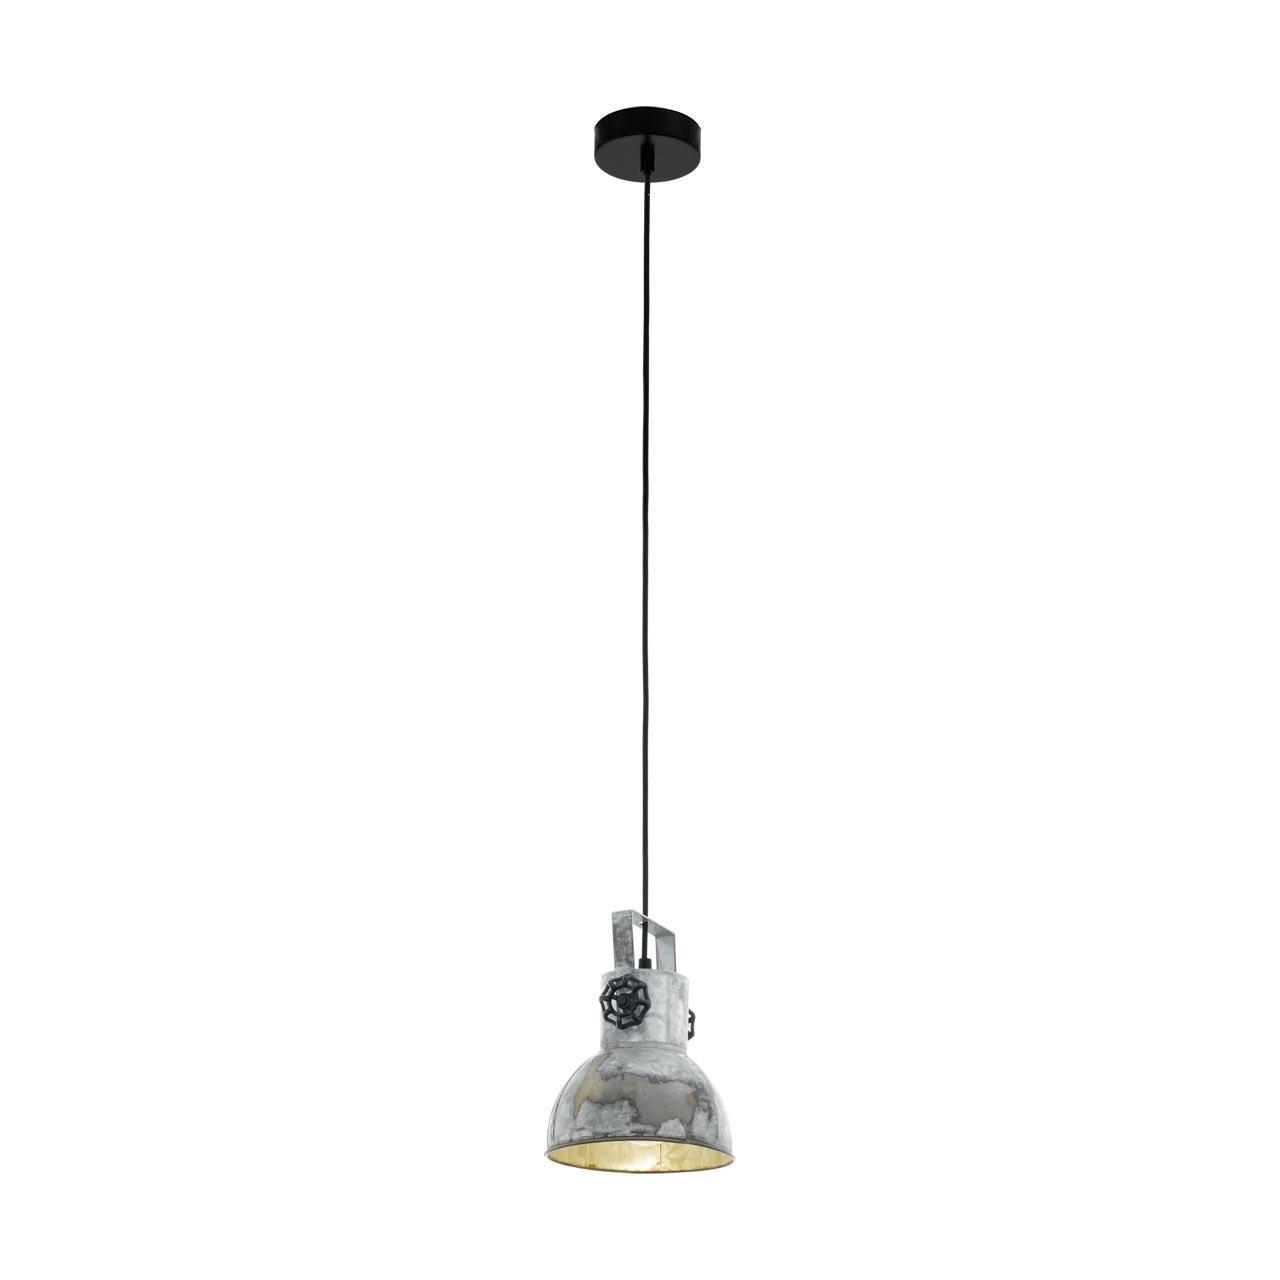 Подвесной светильник Eglo Barnstaple 49619 eglo подвесная люстра eglo barnstaple 49732